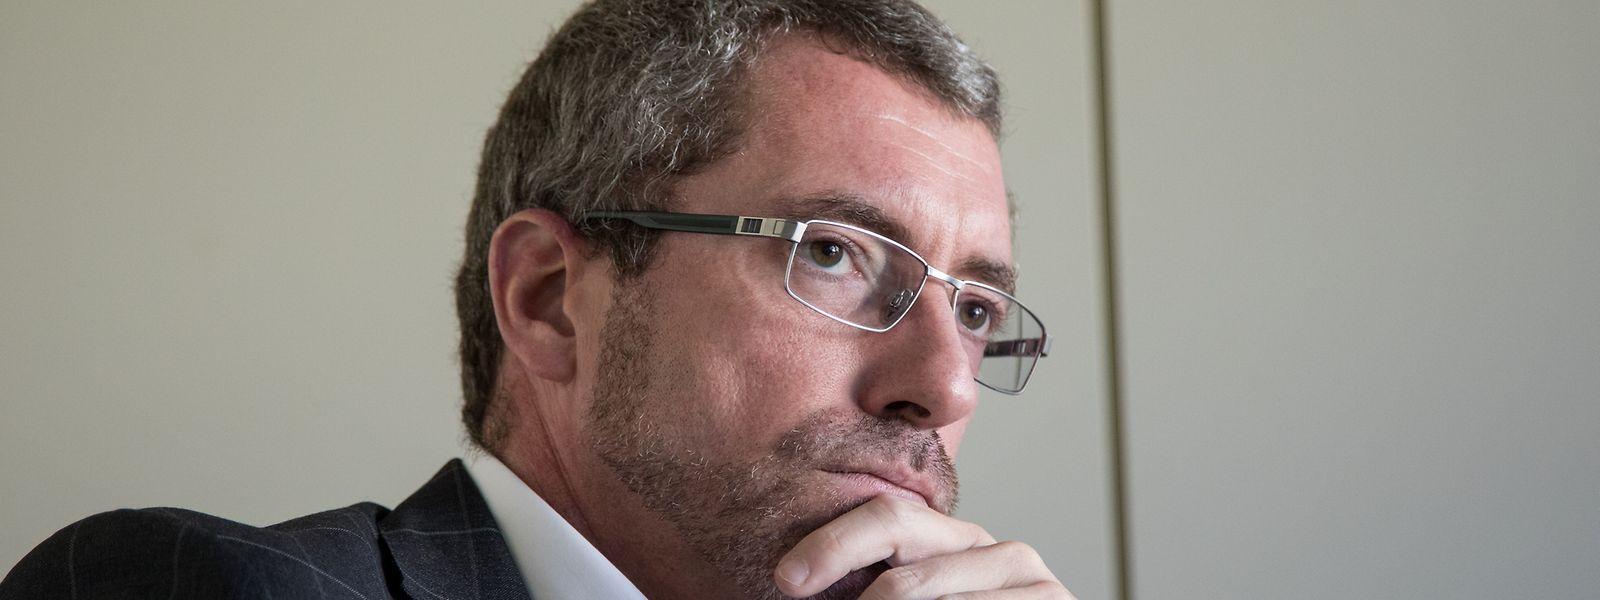 CSV-Parteipräsident Frank Engel fordert harte Strafen bei Verstößen gegen die angekündigte Ausgangssperre.